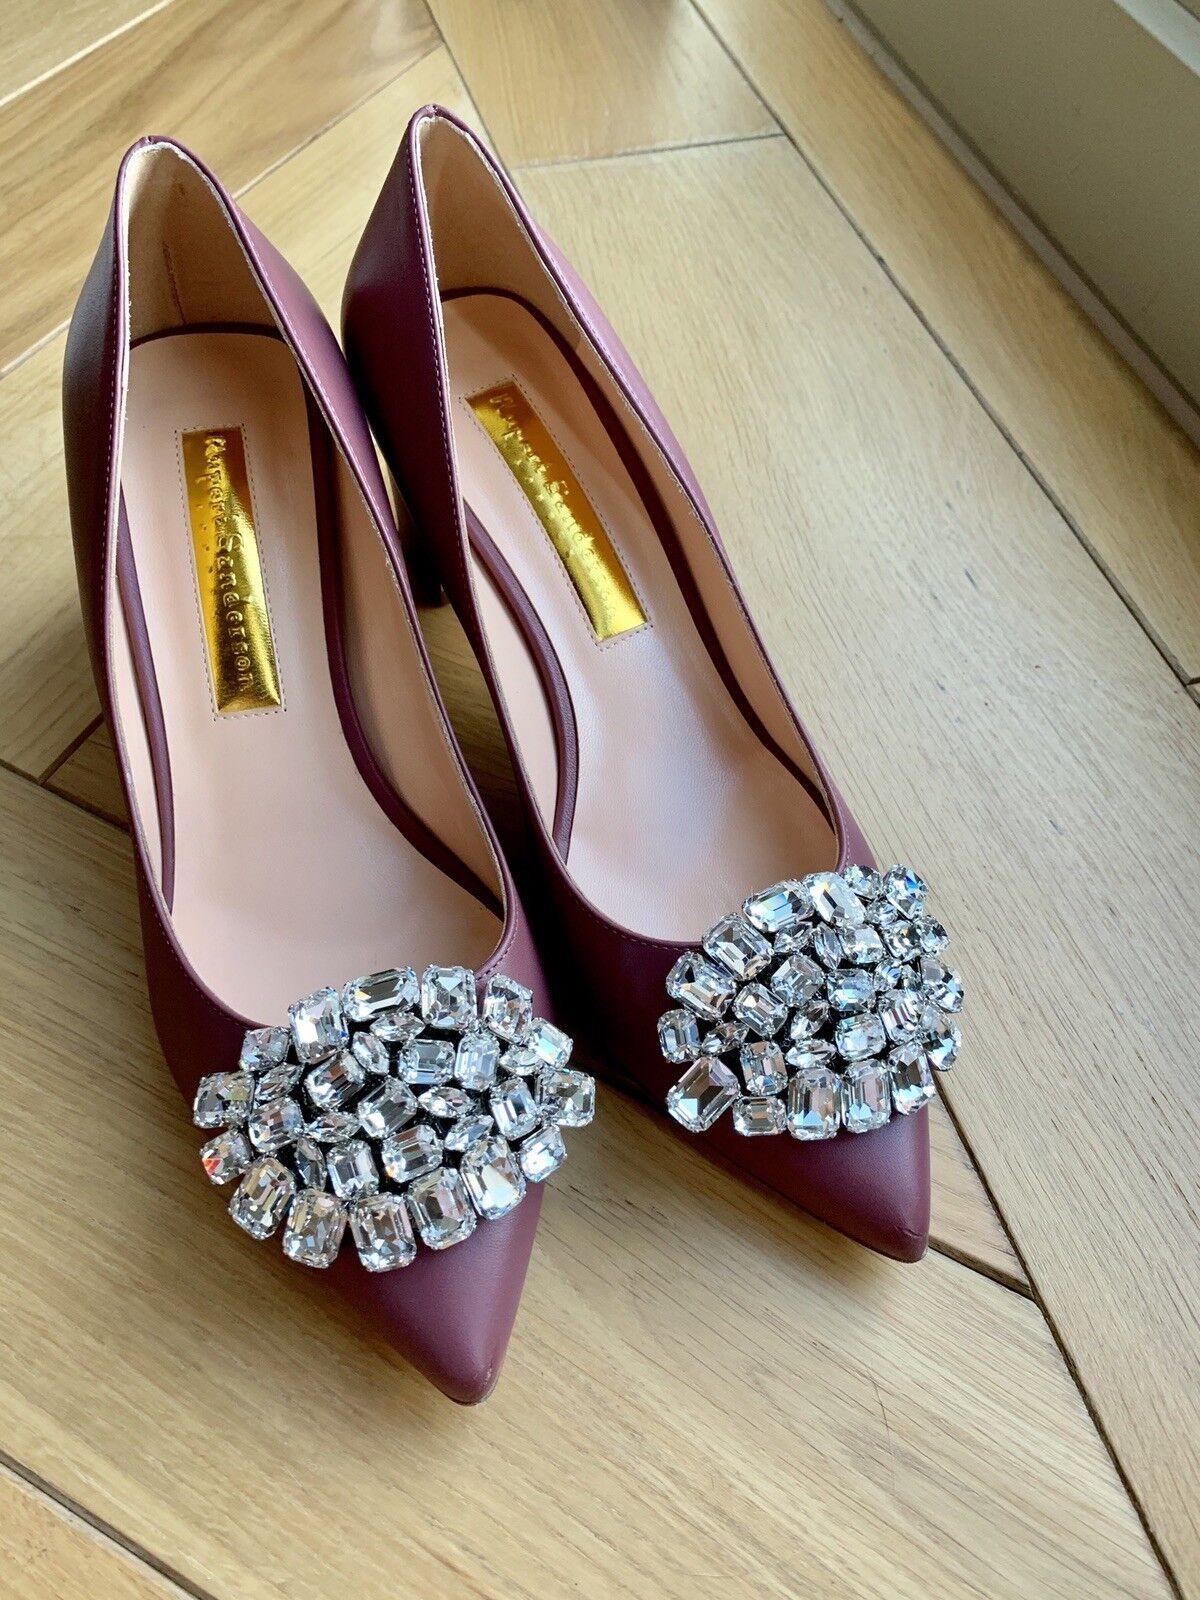 Rupert Sanderson Clava mid heels Brown pink Jewel Pebble EU37.5 wedding